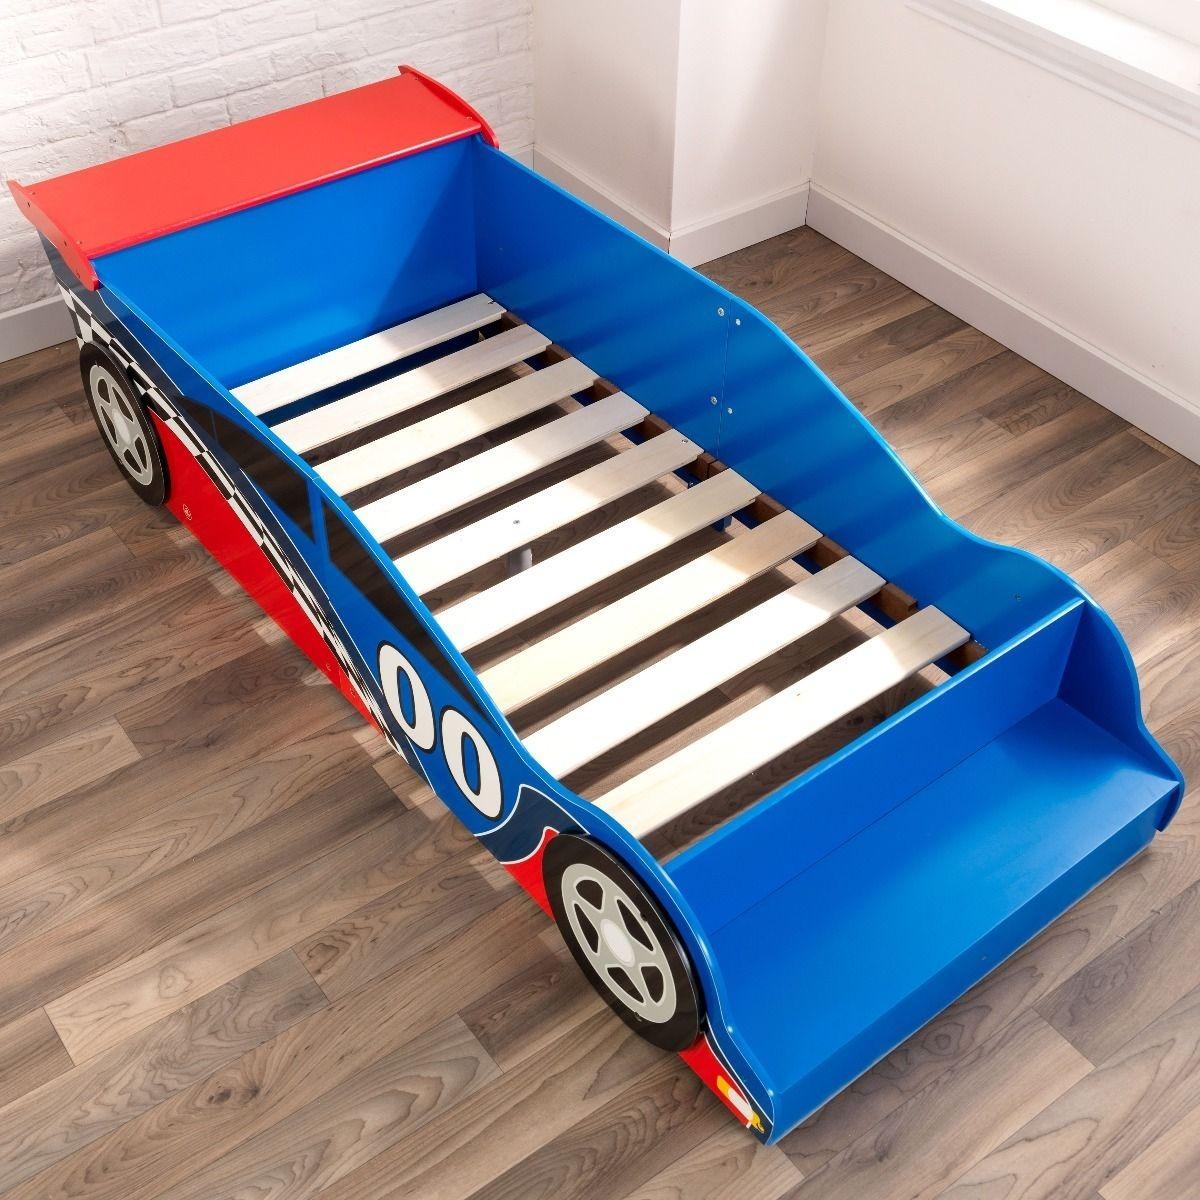 Kidkraft Race Car Toddler Bed Cama Sencilla Infantil Ninos 1 281 900 En Mercado Libre